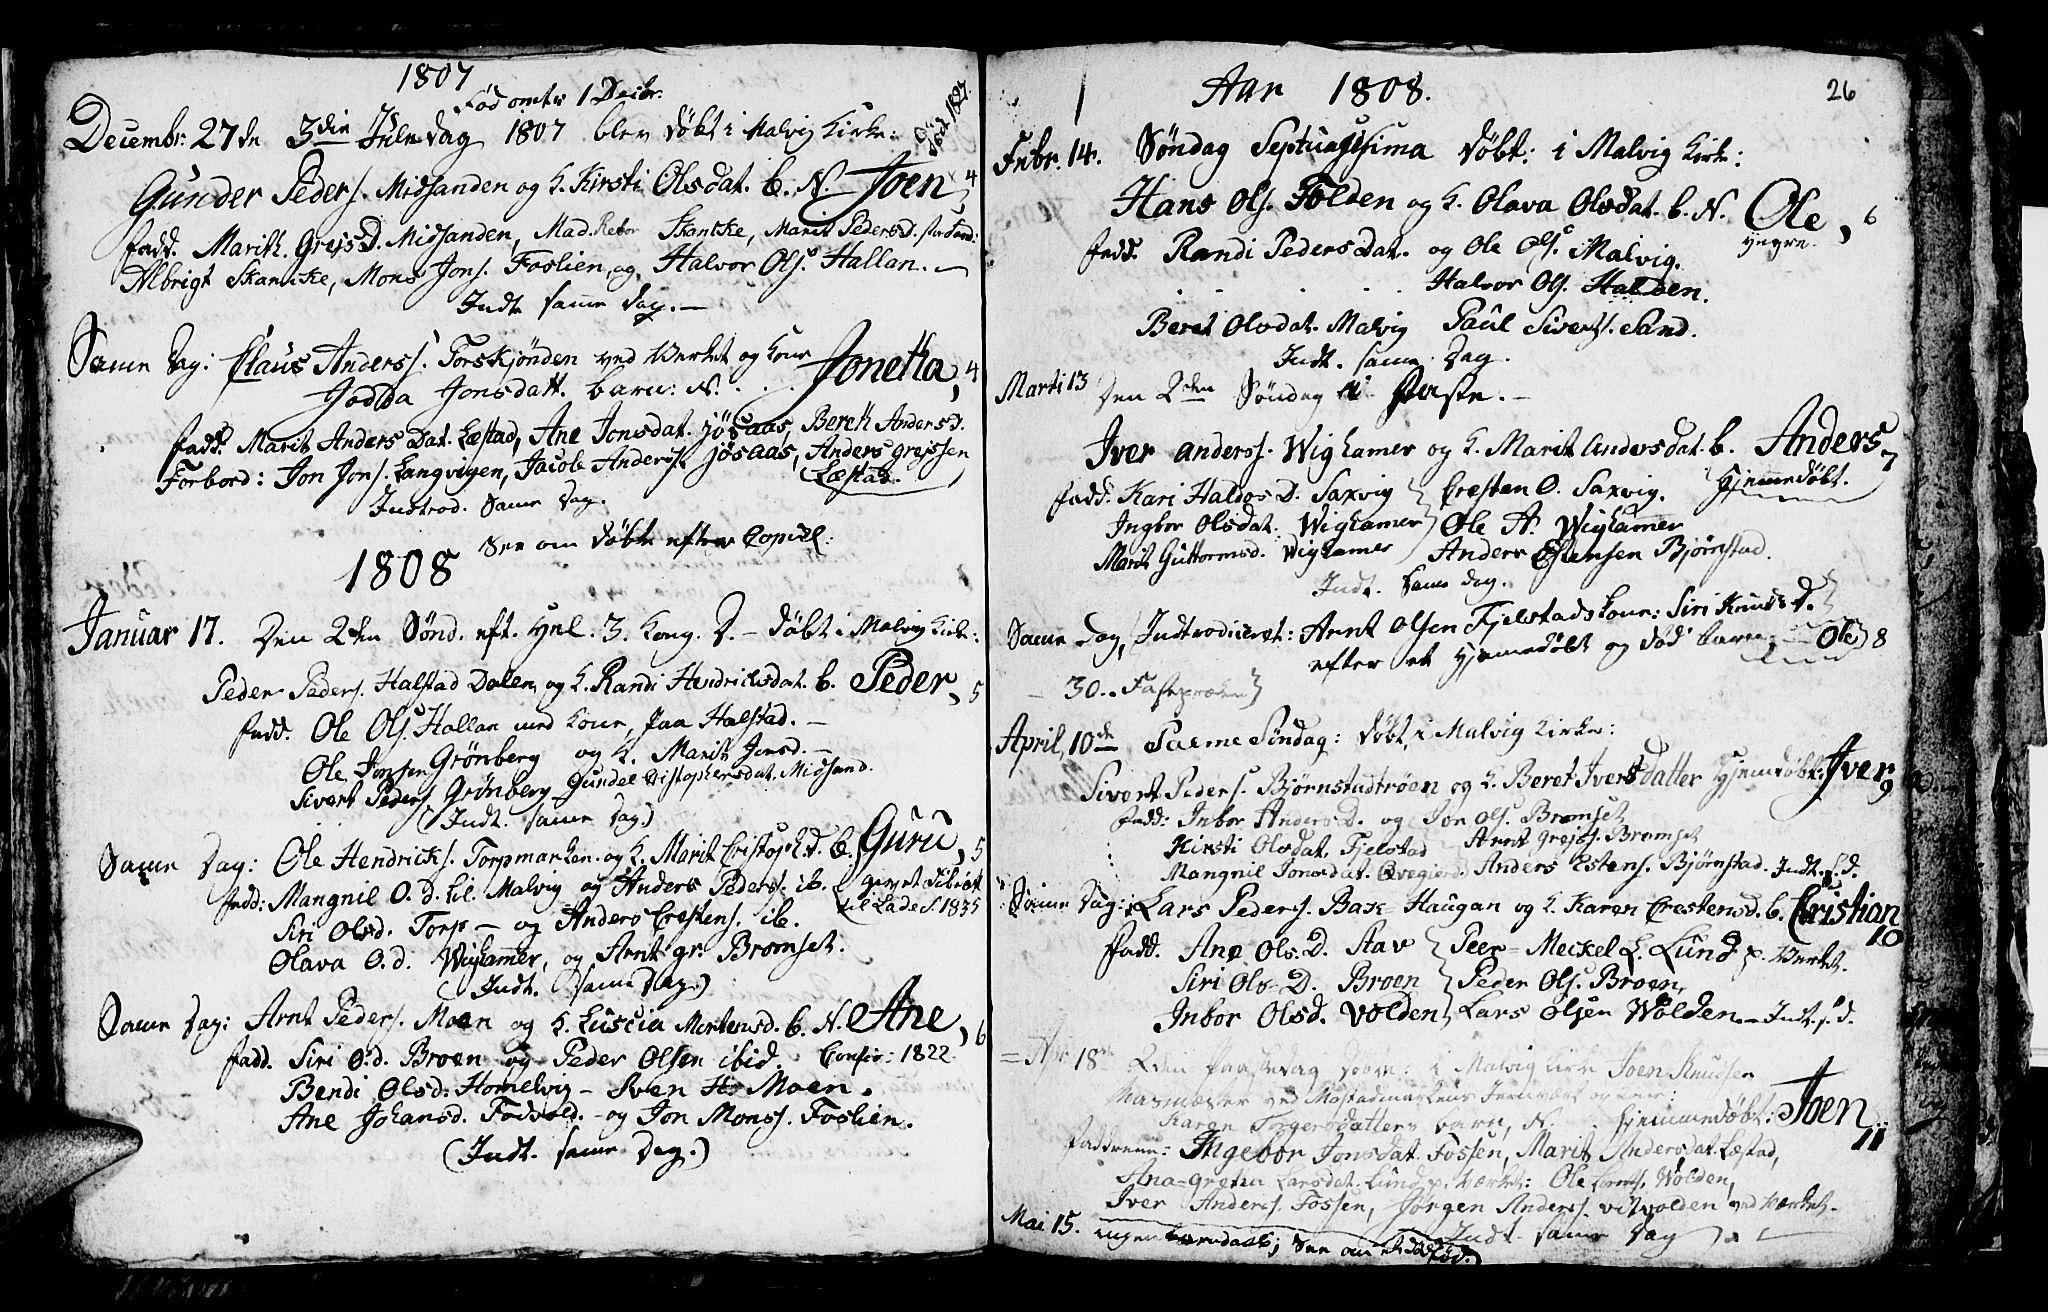 SAT, Ministerialprotokoller, klokkerbøker og fødselsregistre - Sør-Trøndelag, 616/L0419: Klokkerbok nr. 616C02, 1797-1816, s. 26